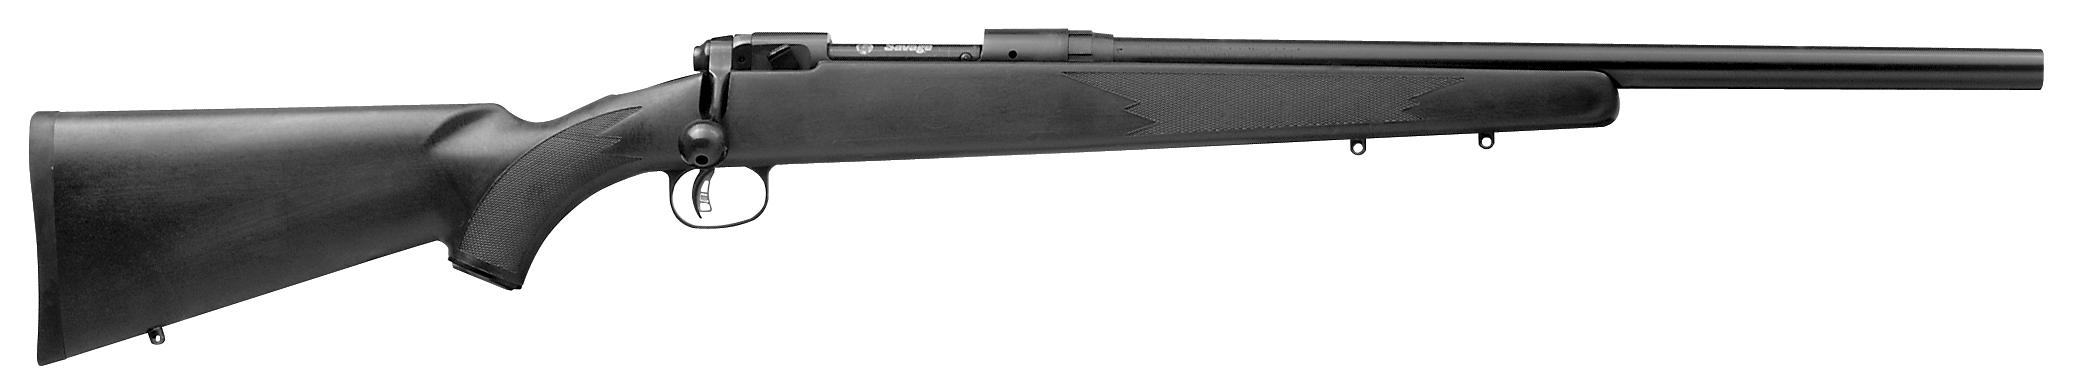 Model 10FP-LE1